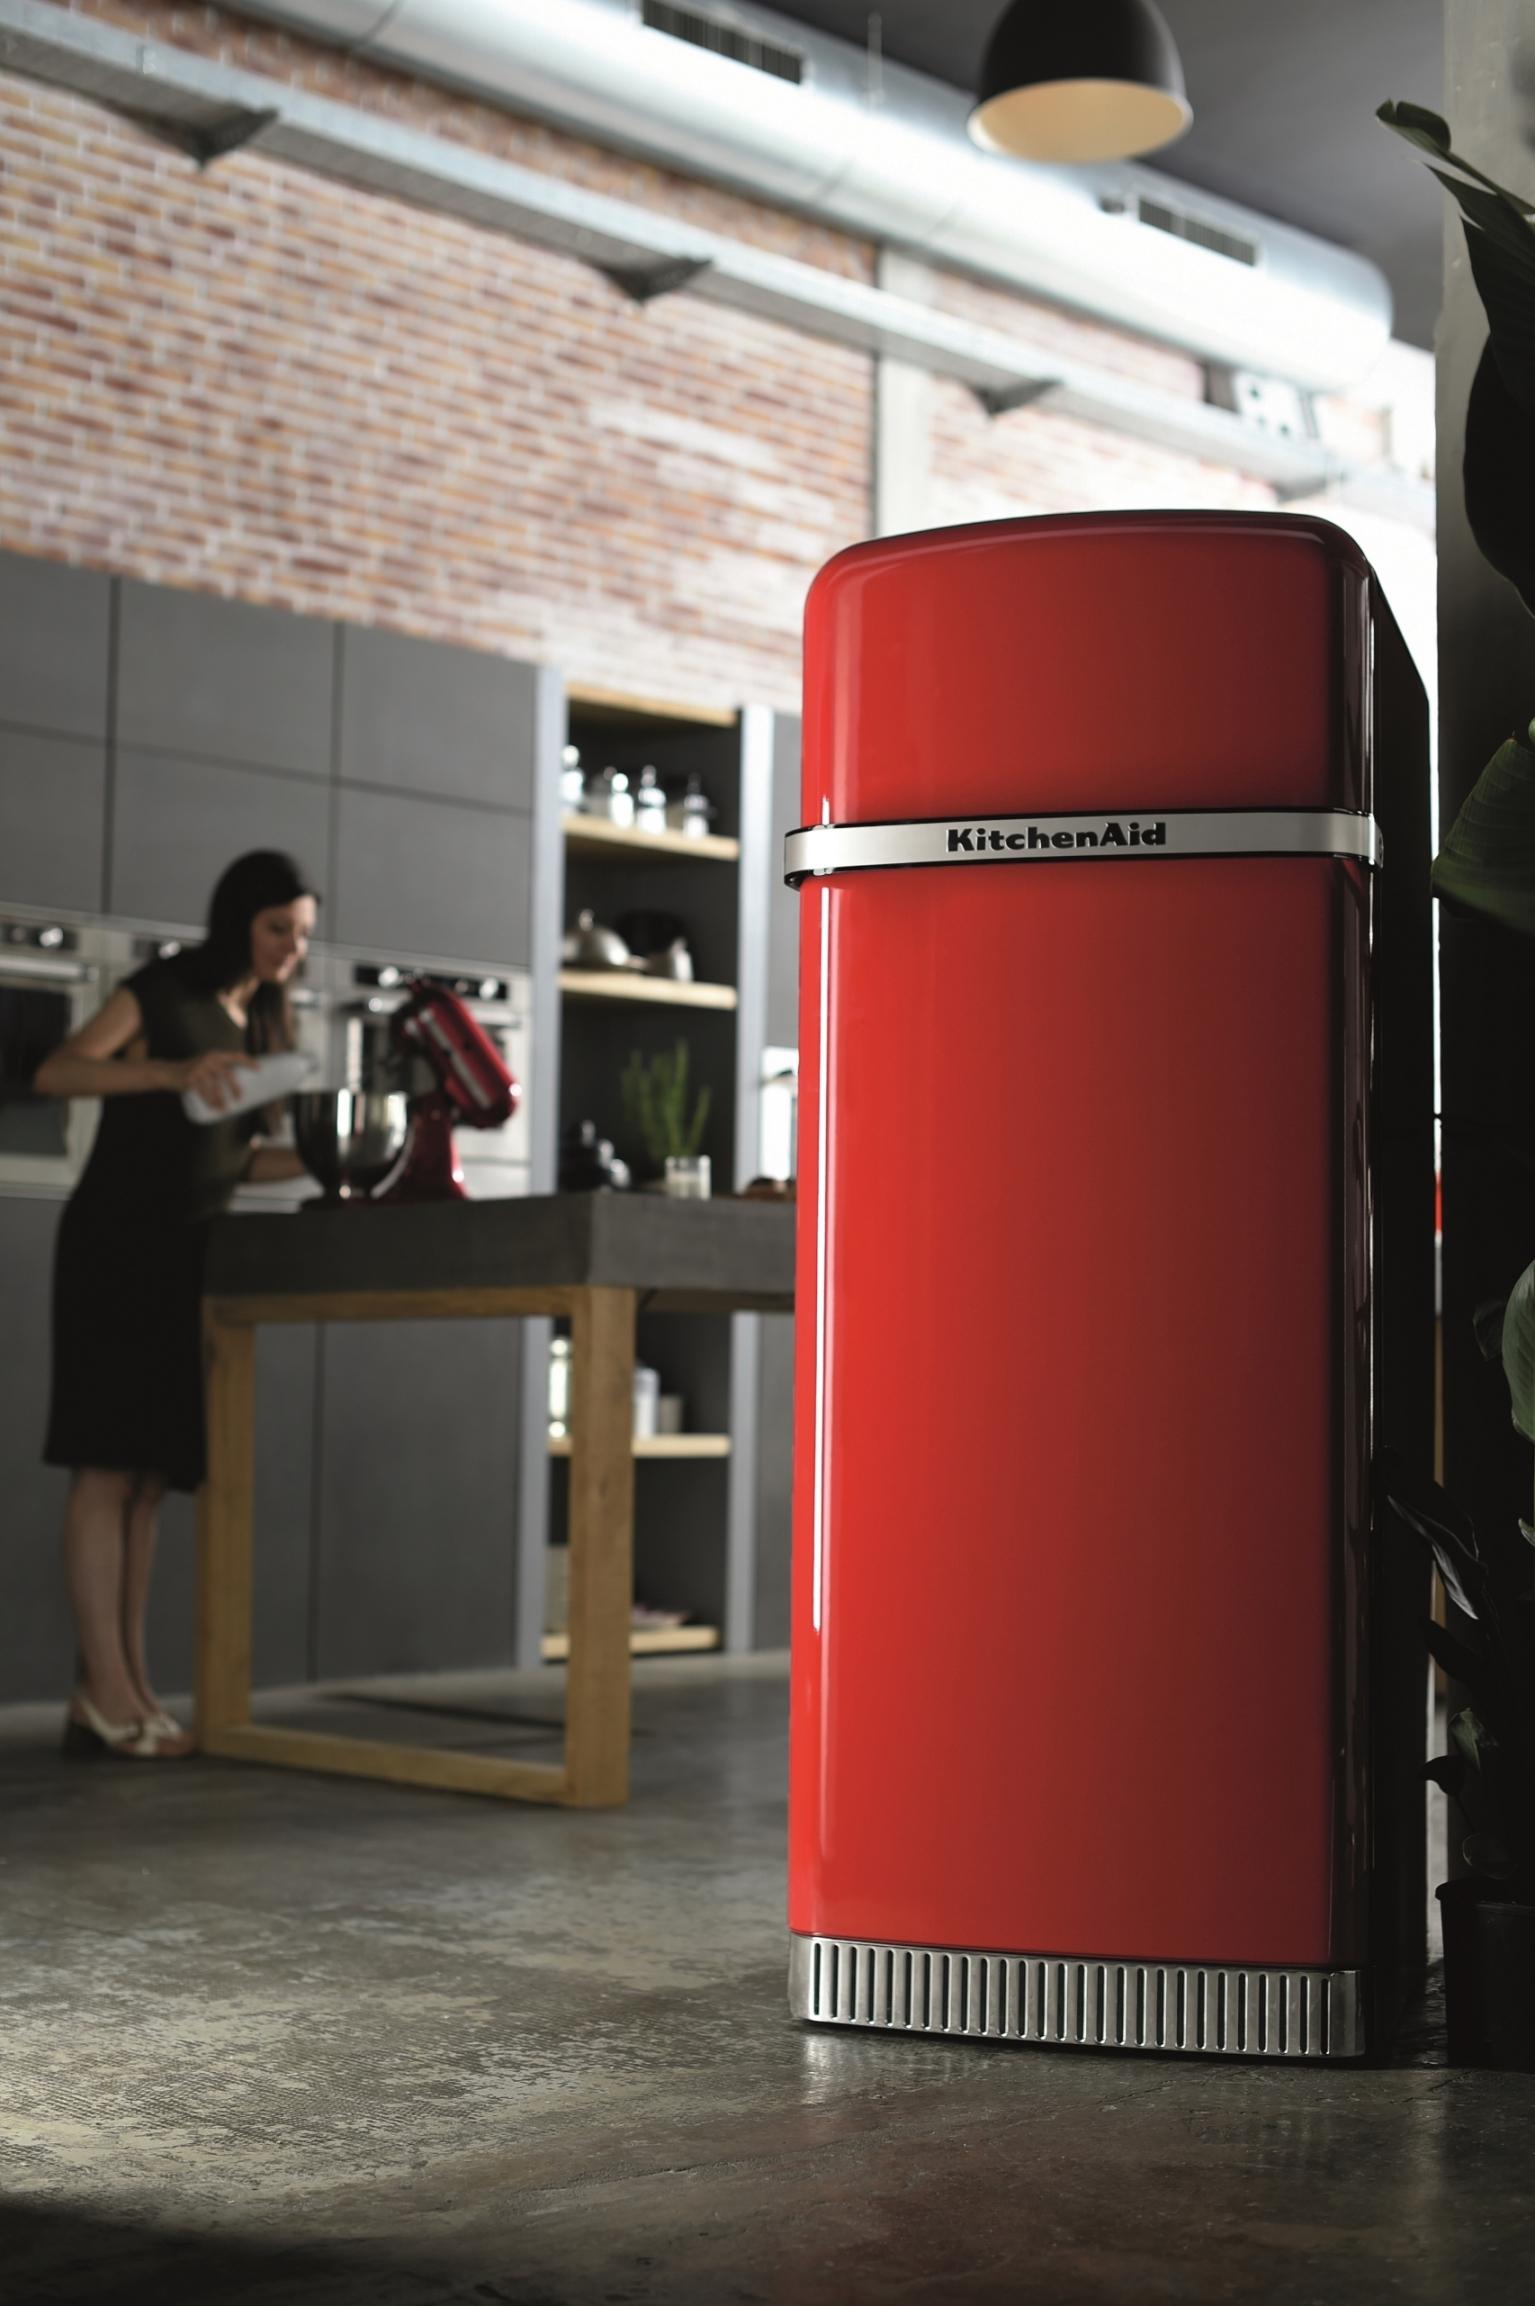 KitchenAid iF Design Award to Iconic Fridge  HA